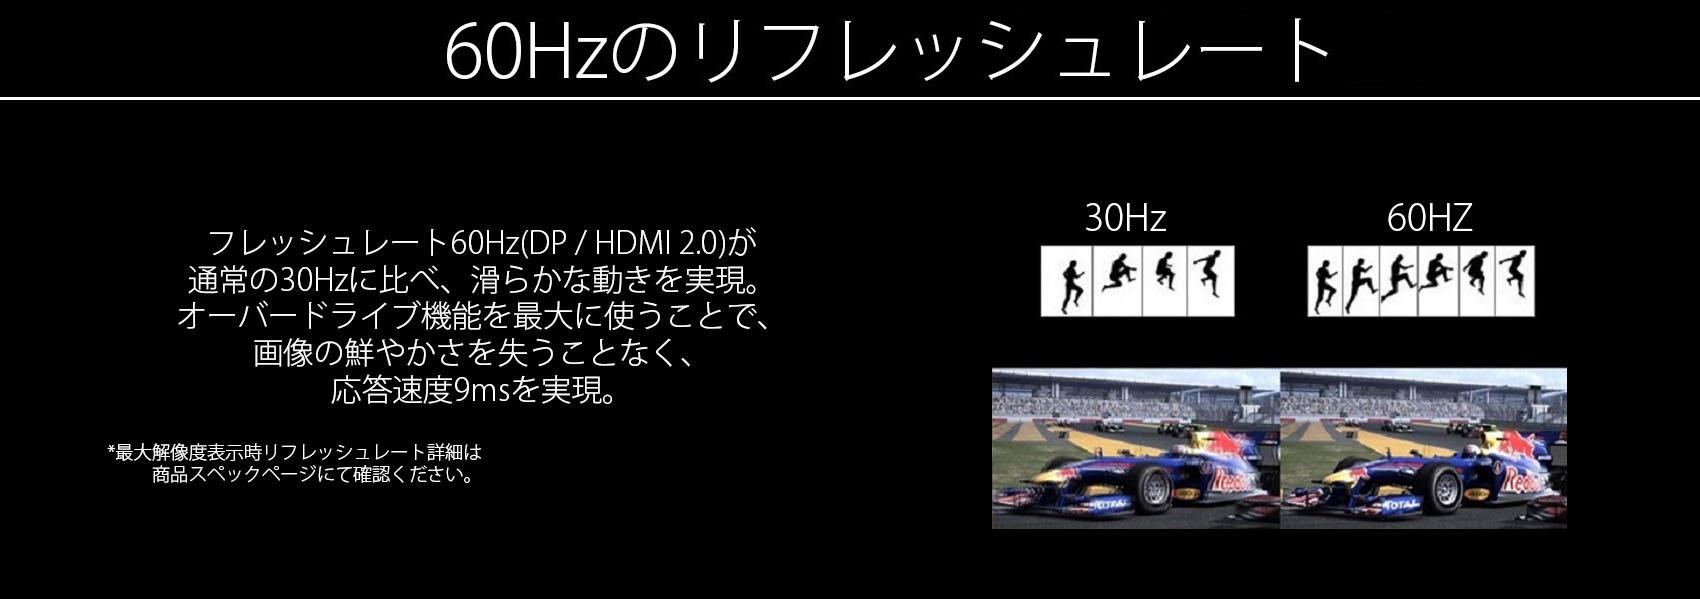 60hzリフレッシュレートで映像が滑らかに。応答速度は9msを実現。